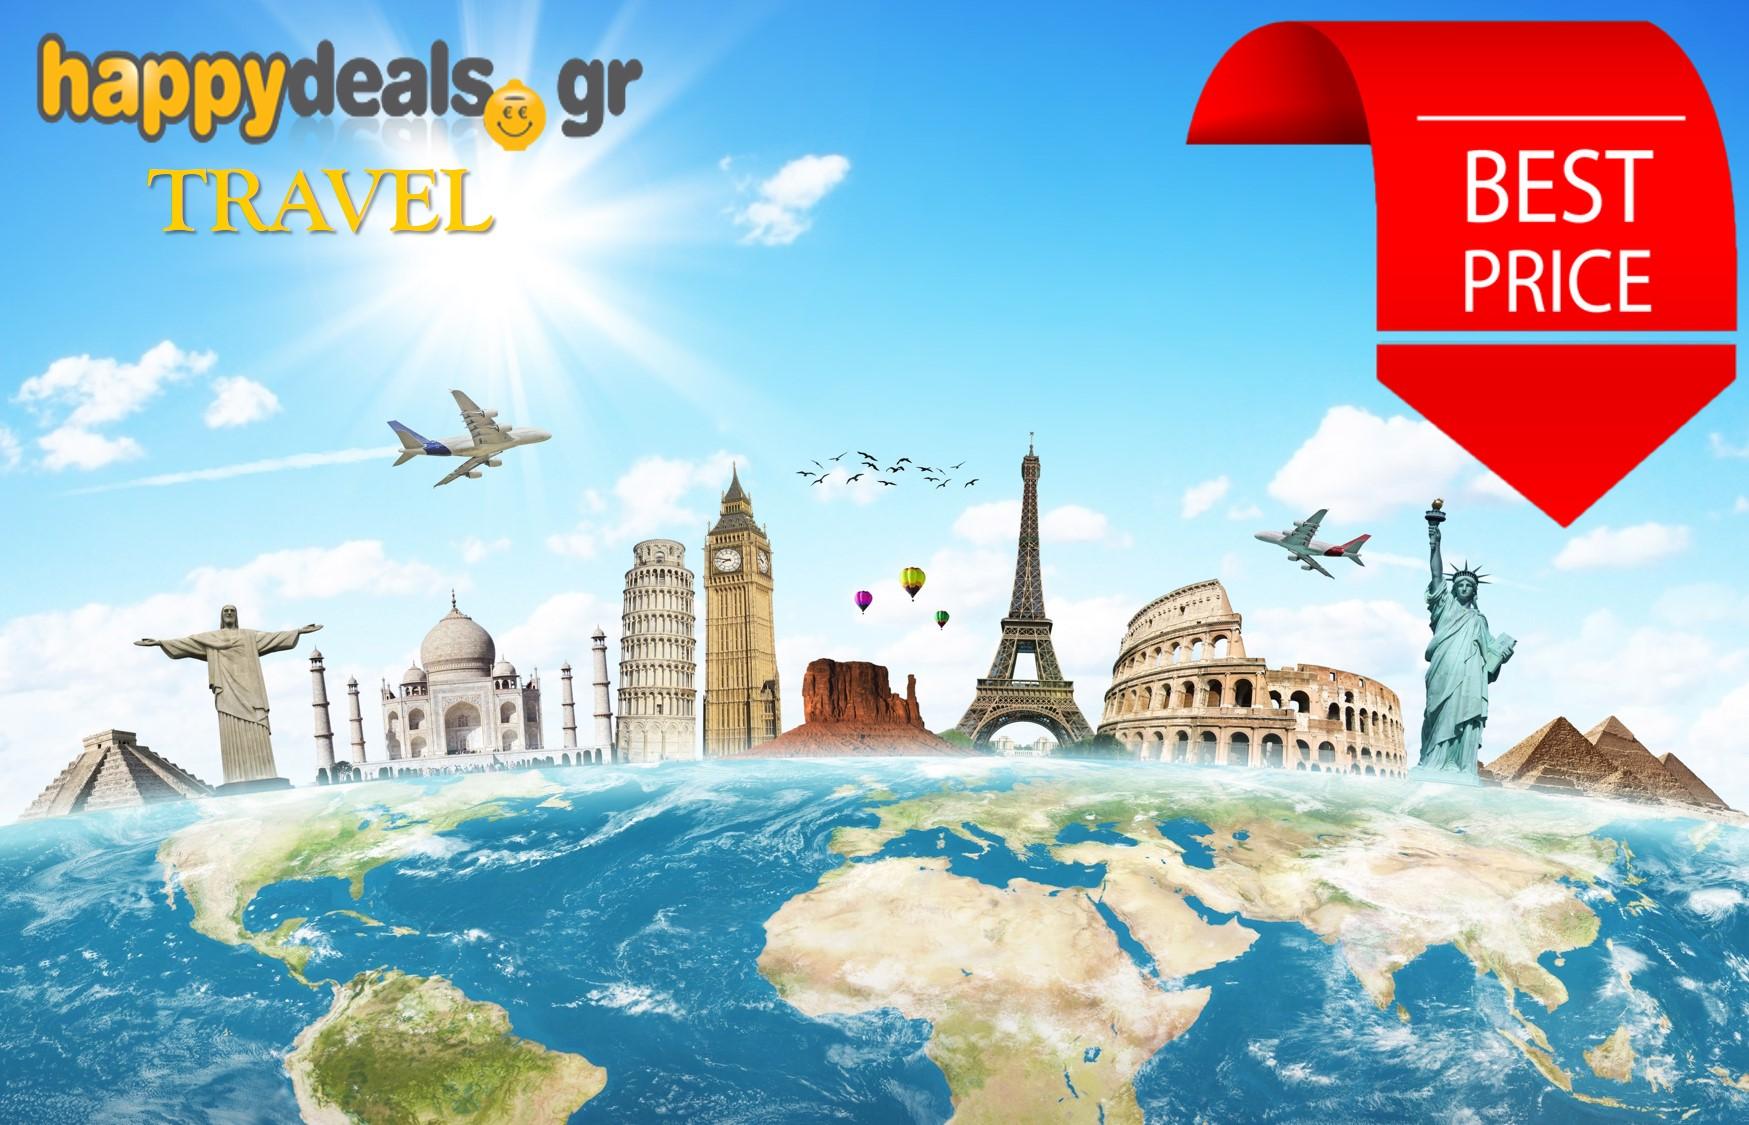 Ταξίδι σε ΟΠΟΙΟΔΗΠΟΤΕ Προορισμό και Ξενοδοχείο στην Ελλάδα & τον Κόσμο, με την εγγύηση του Happytravel.gr, στην καλύτερη τιμή της αγοράς!